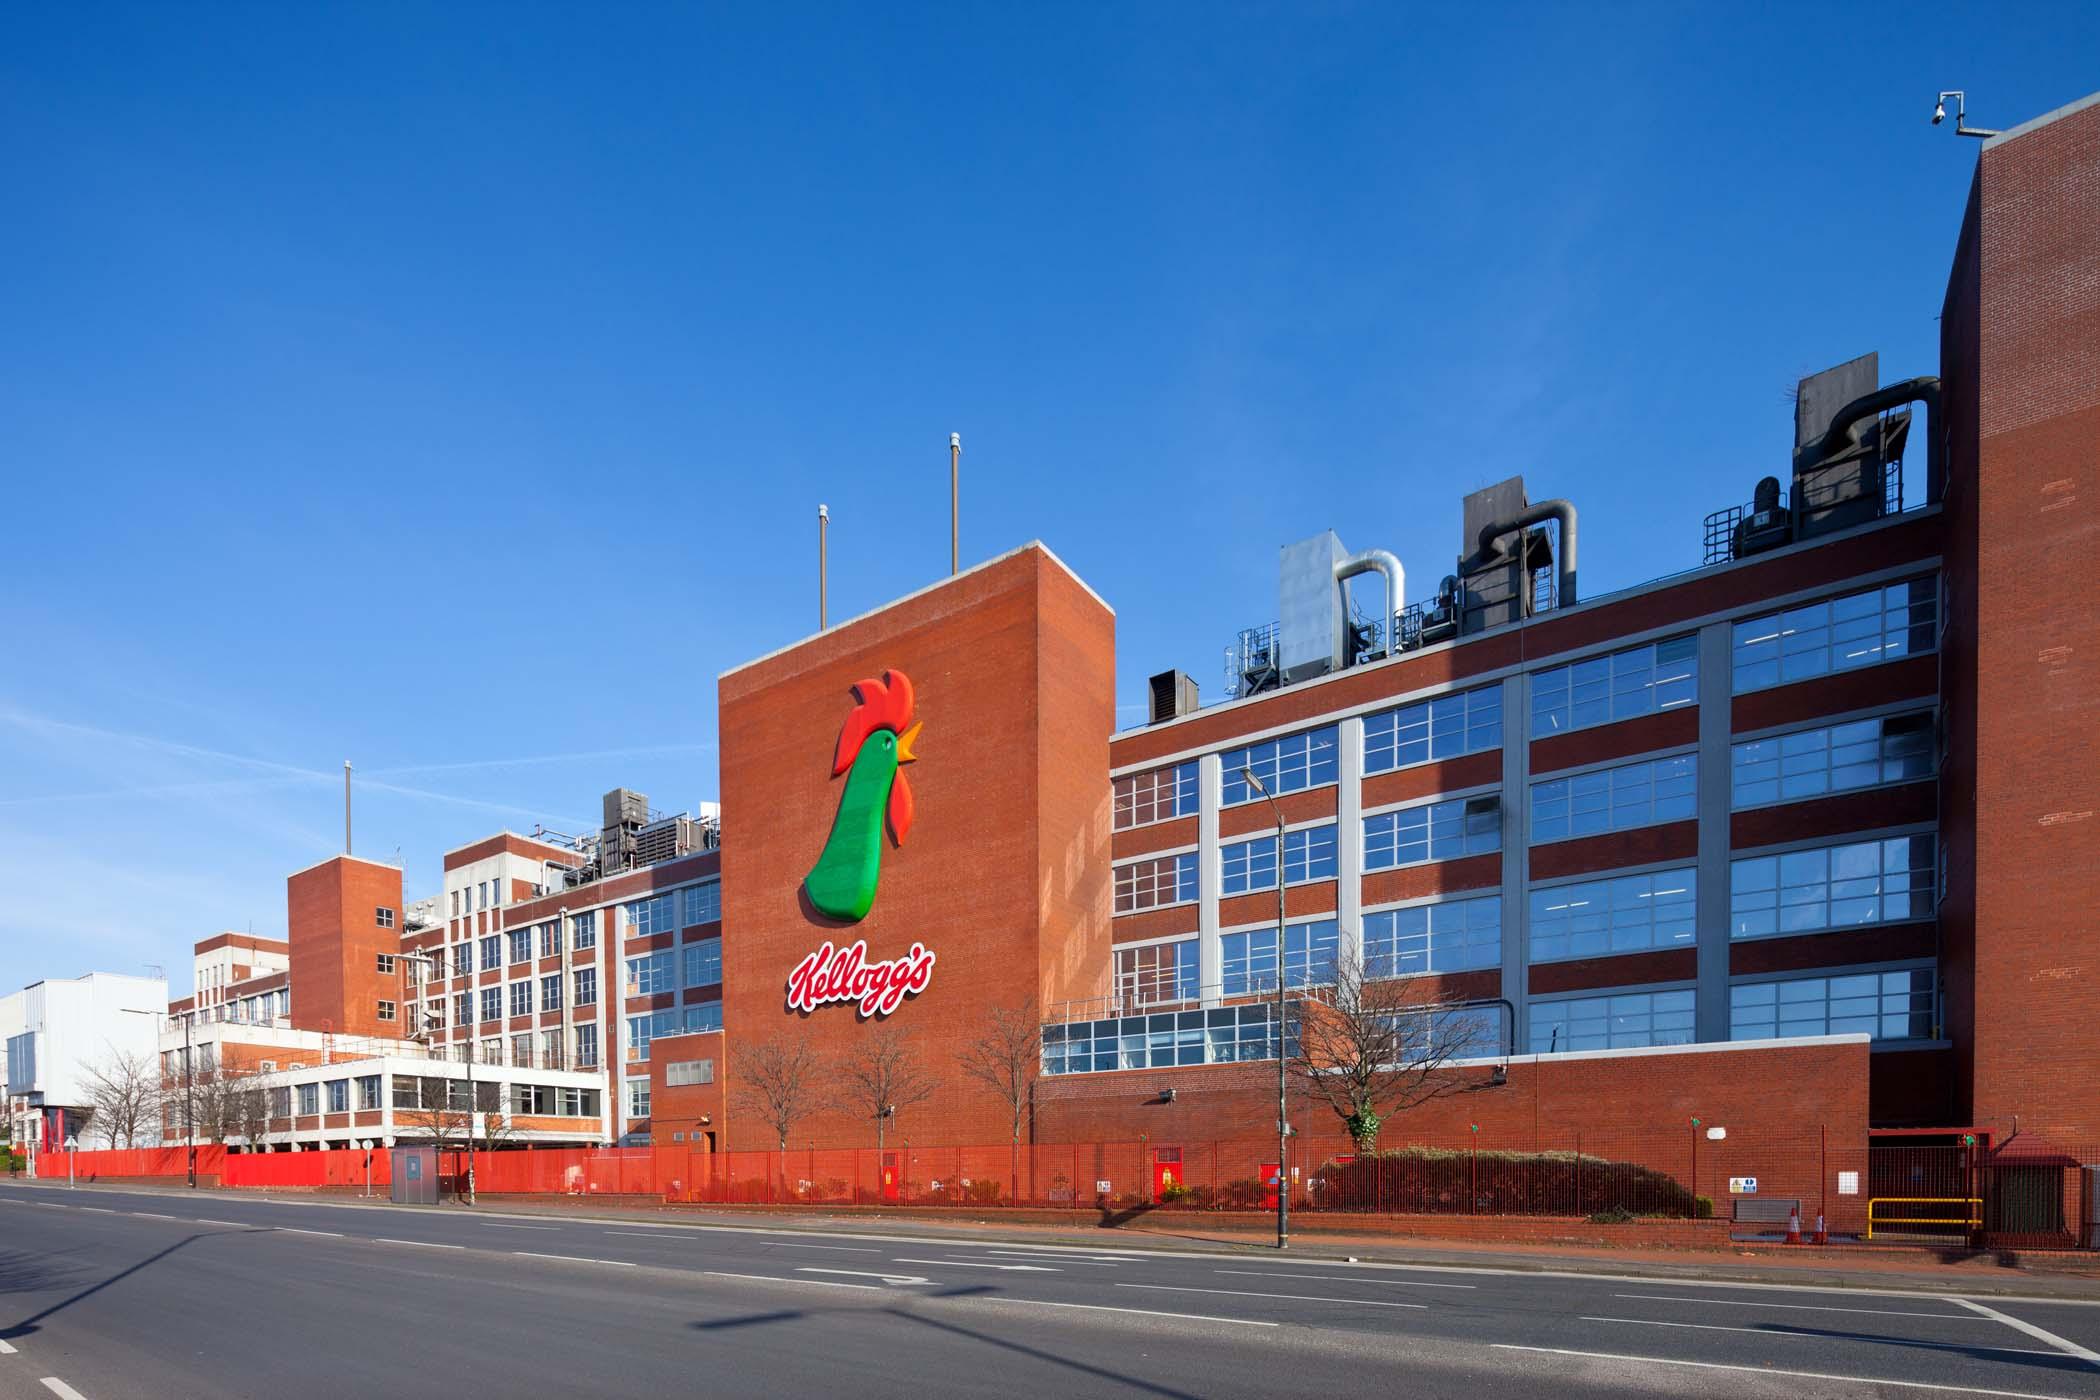 La multinacional Kellogg invierte 66 millones en Brasil para expandir sus operaciones